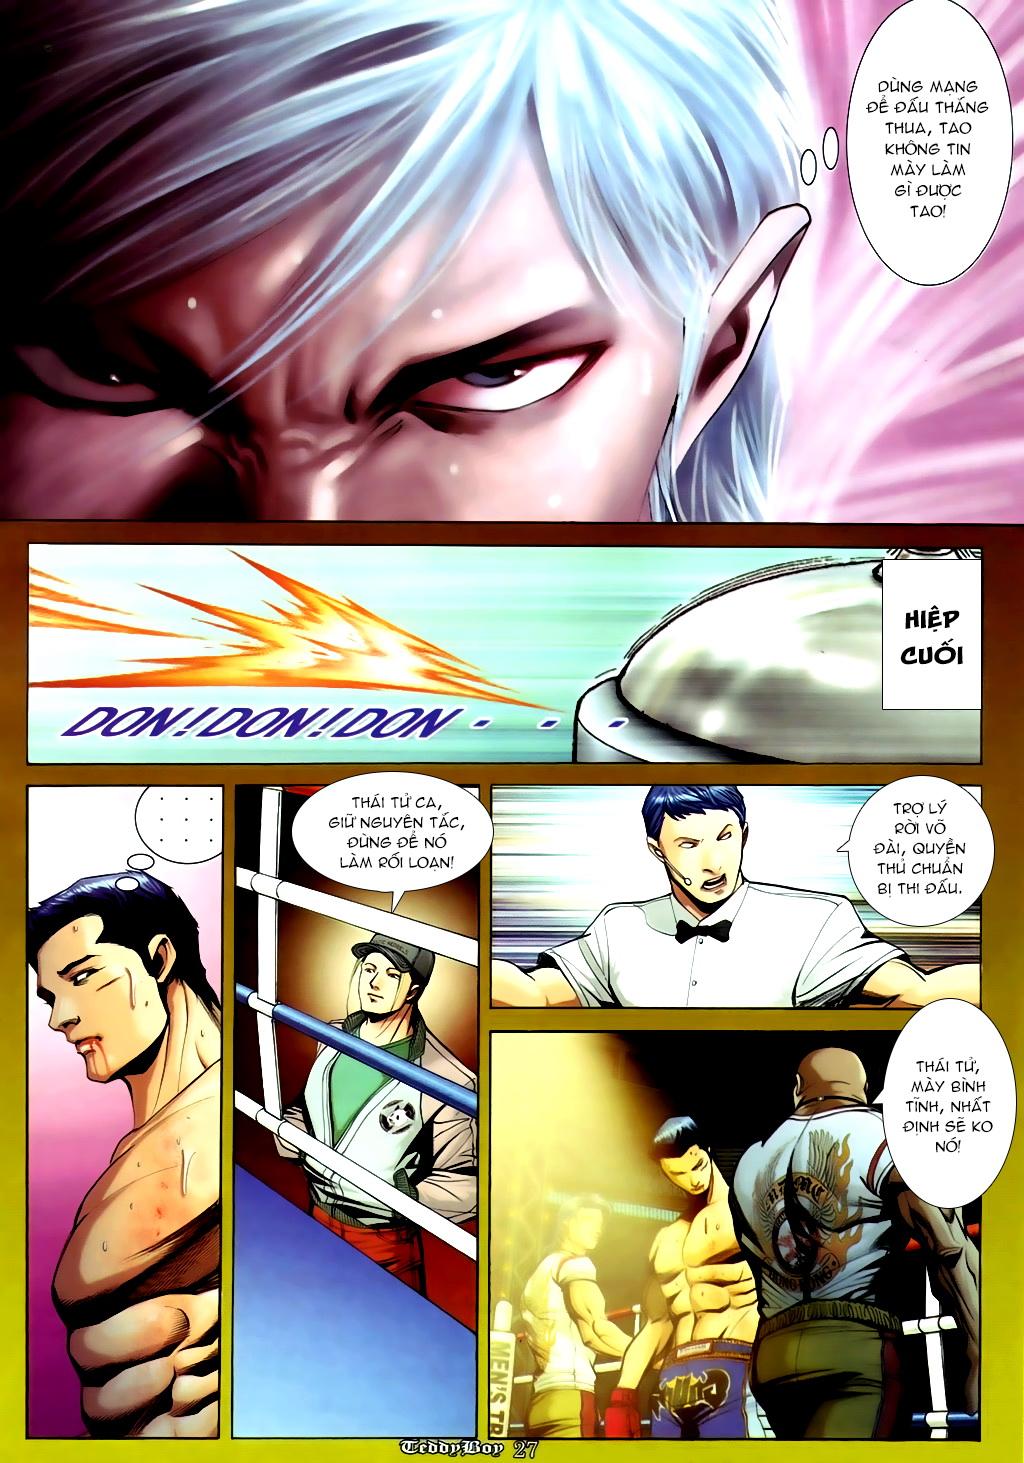 Người Trong Giang Hồ NetTruyen chap 889 - Trang 20